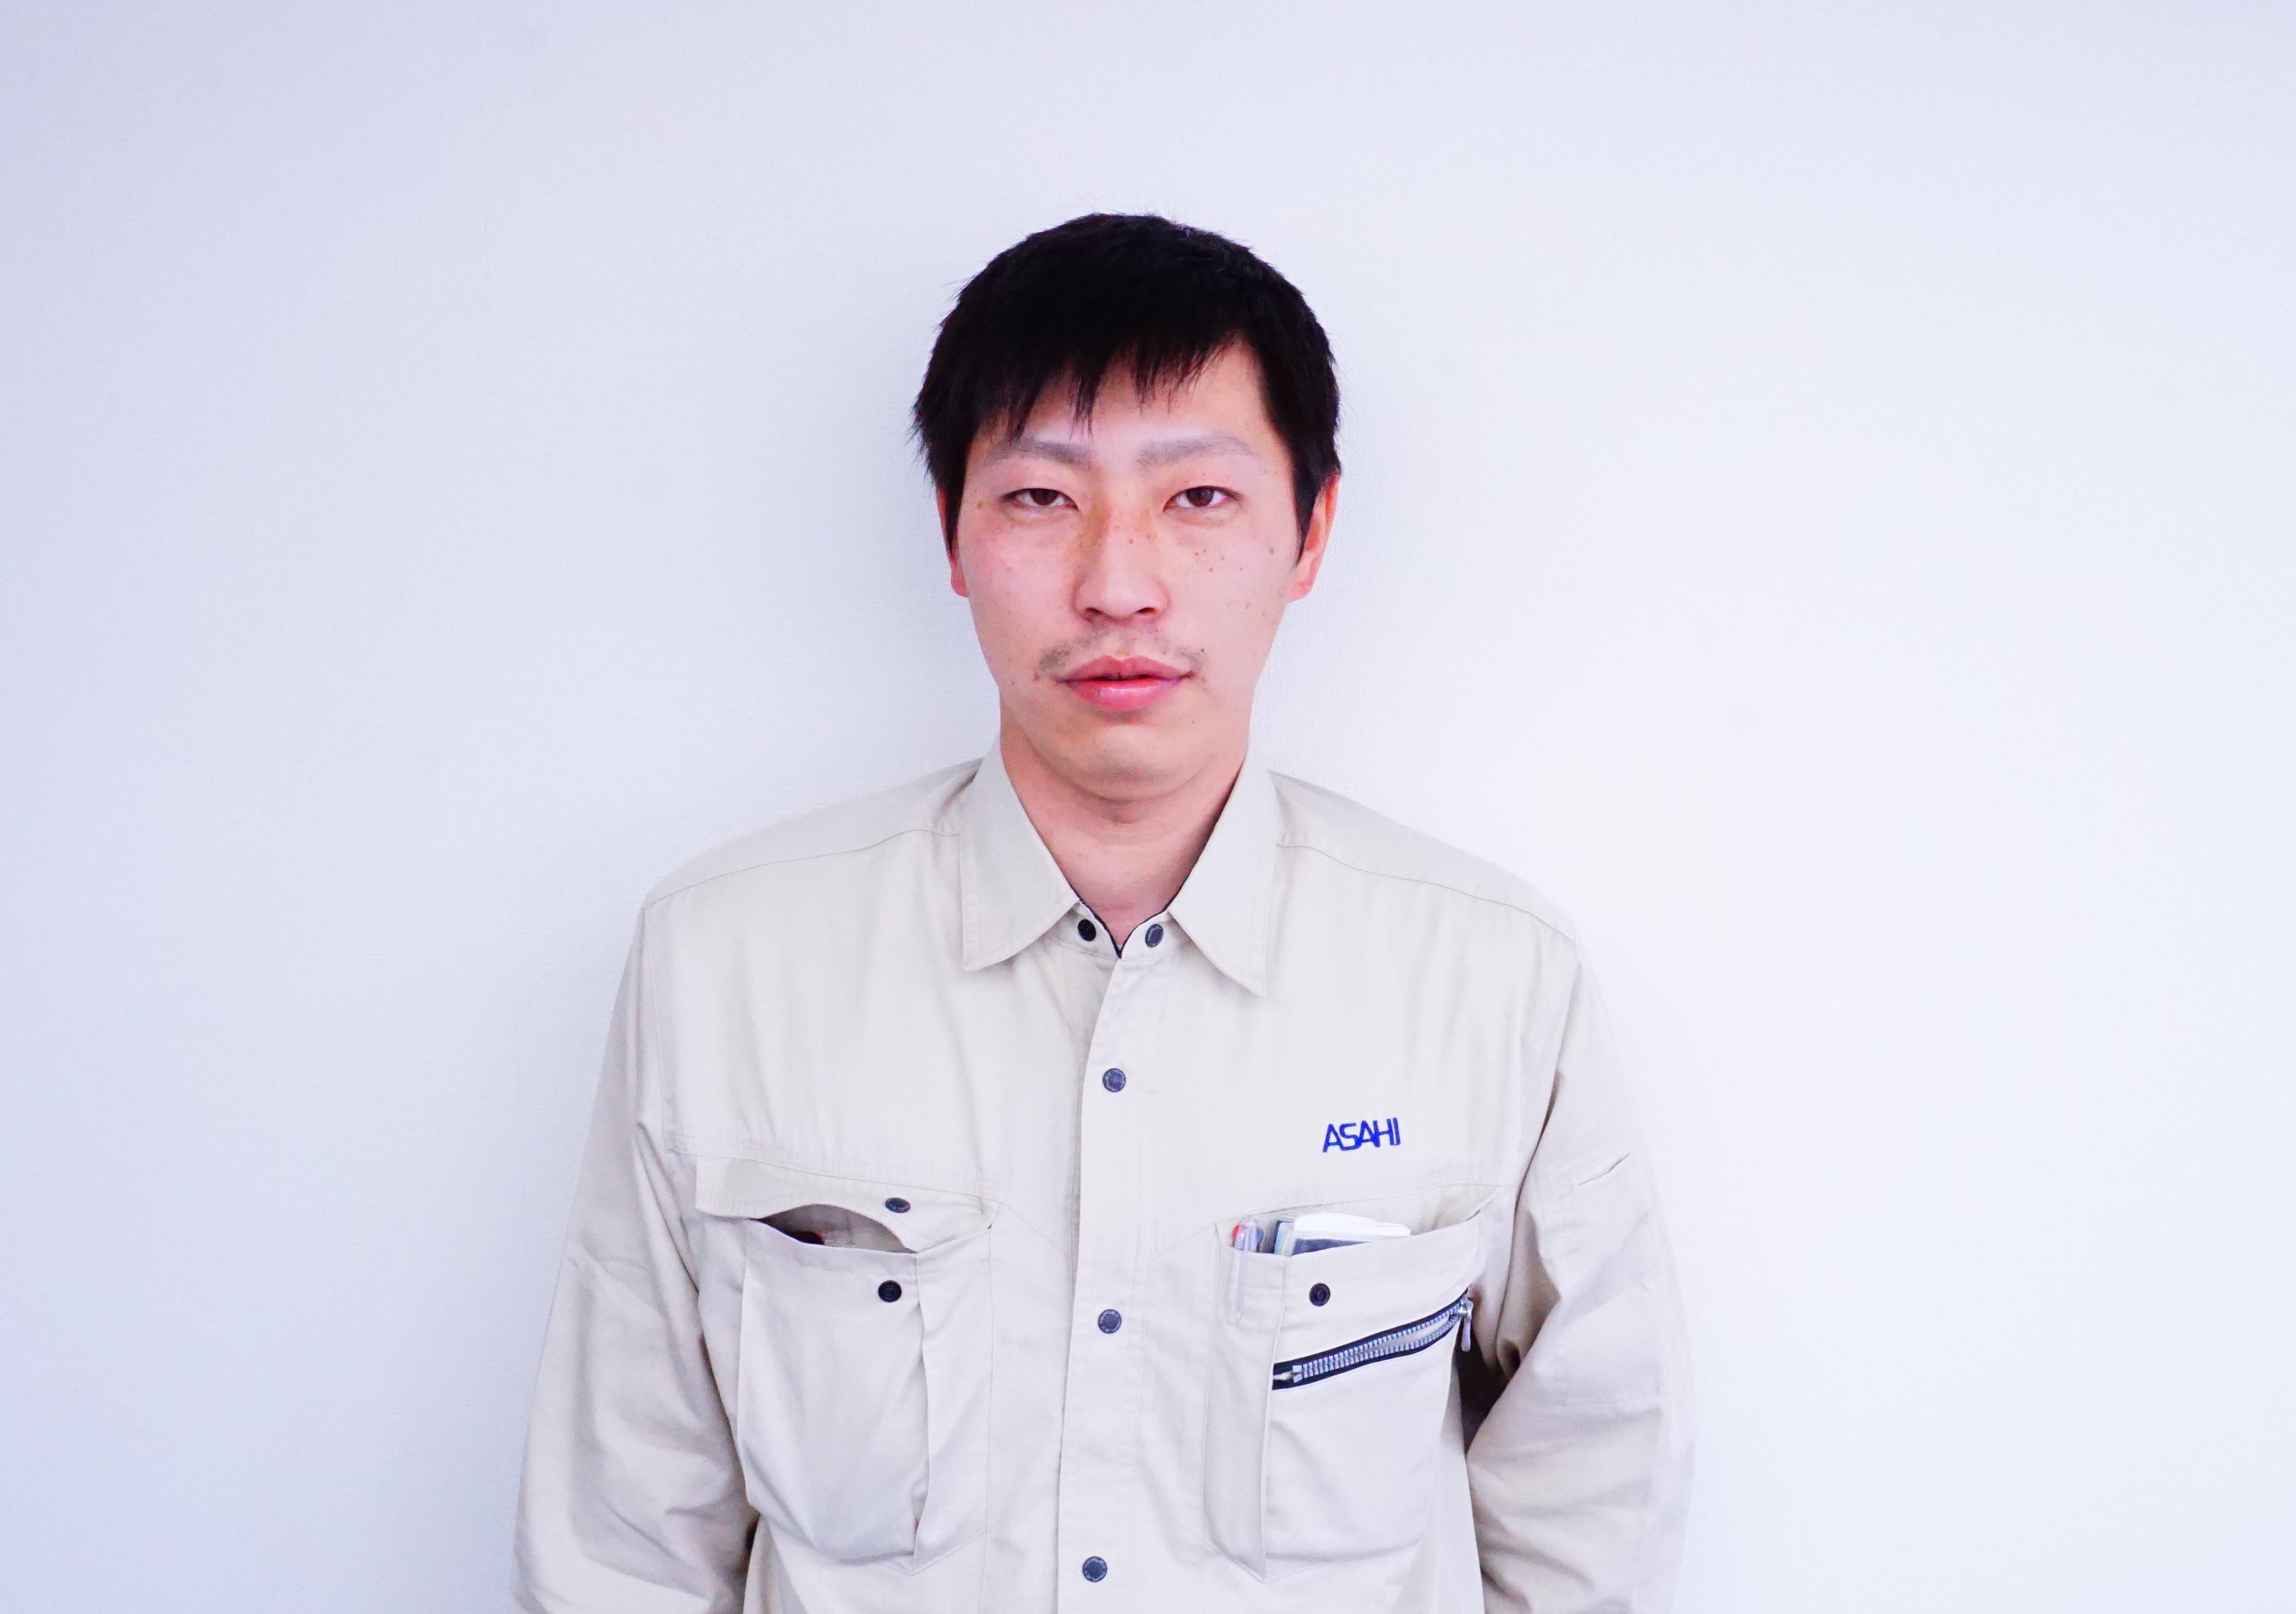 工事担当 齋藤翔太 営業担当 山川武志